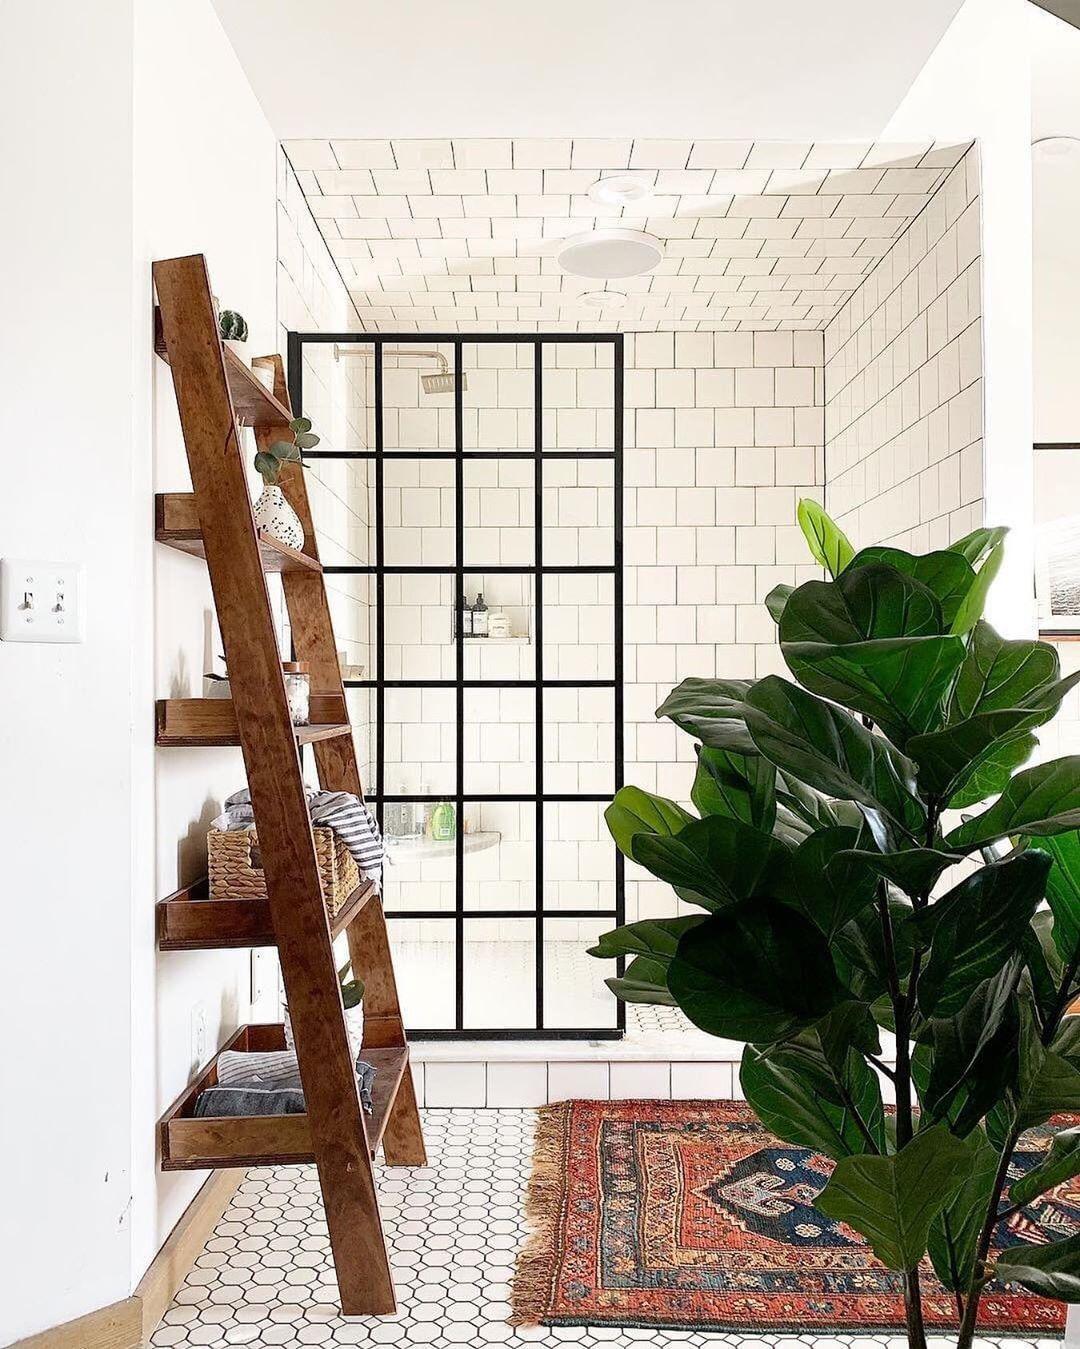 tendências de decoração de interiores (9)